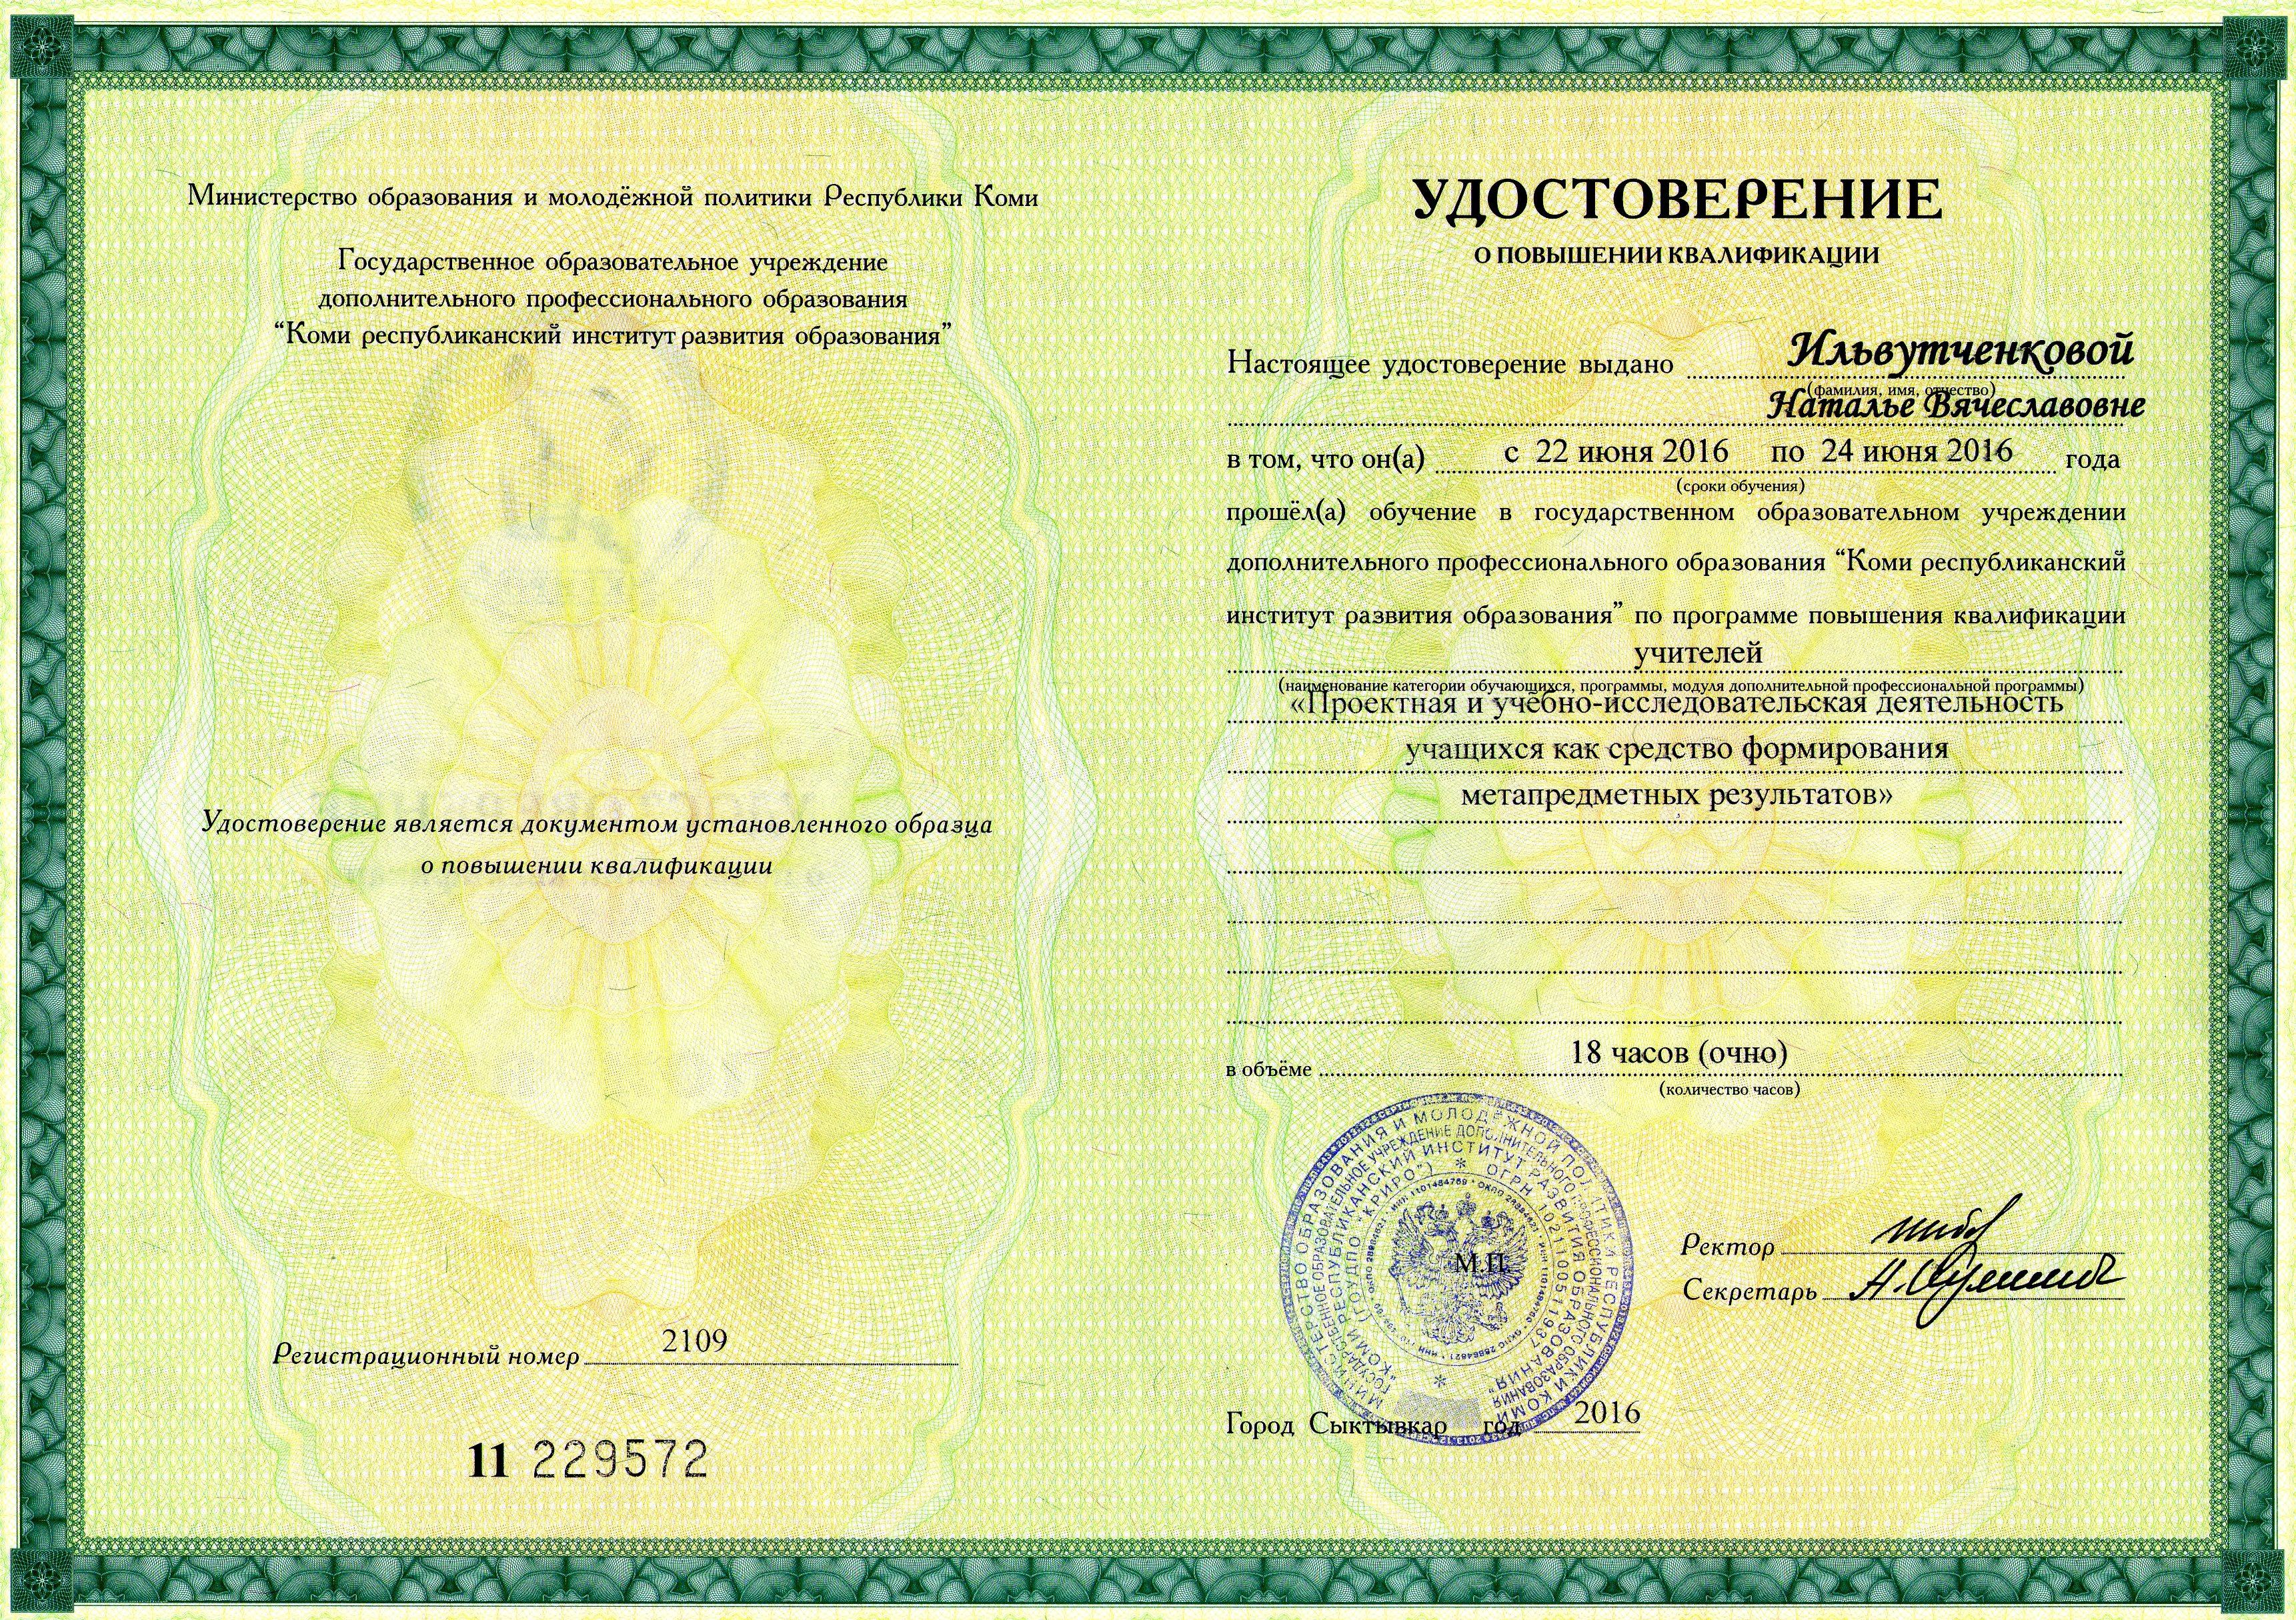 удостоверение 2